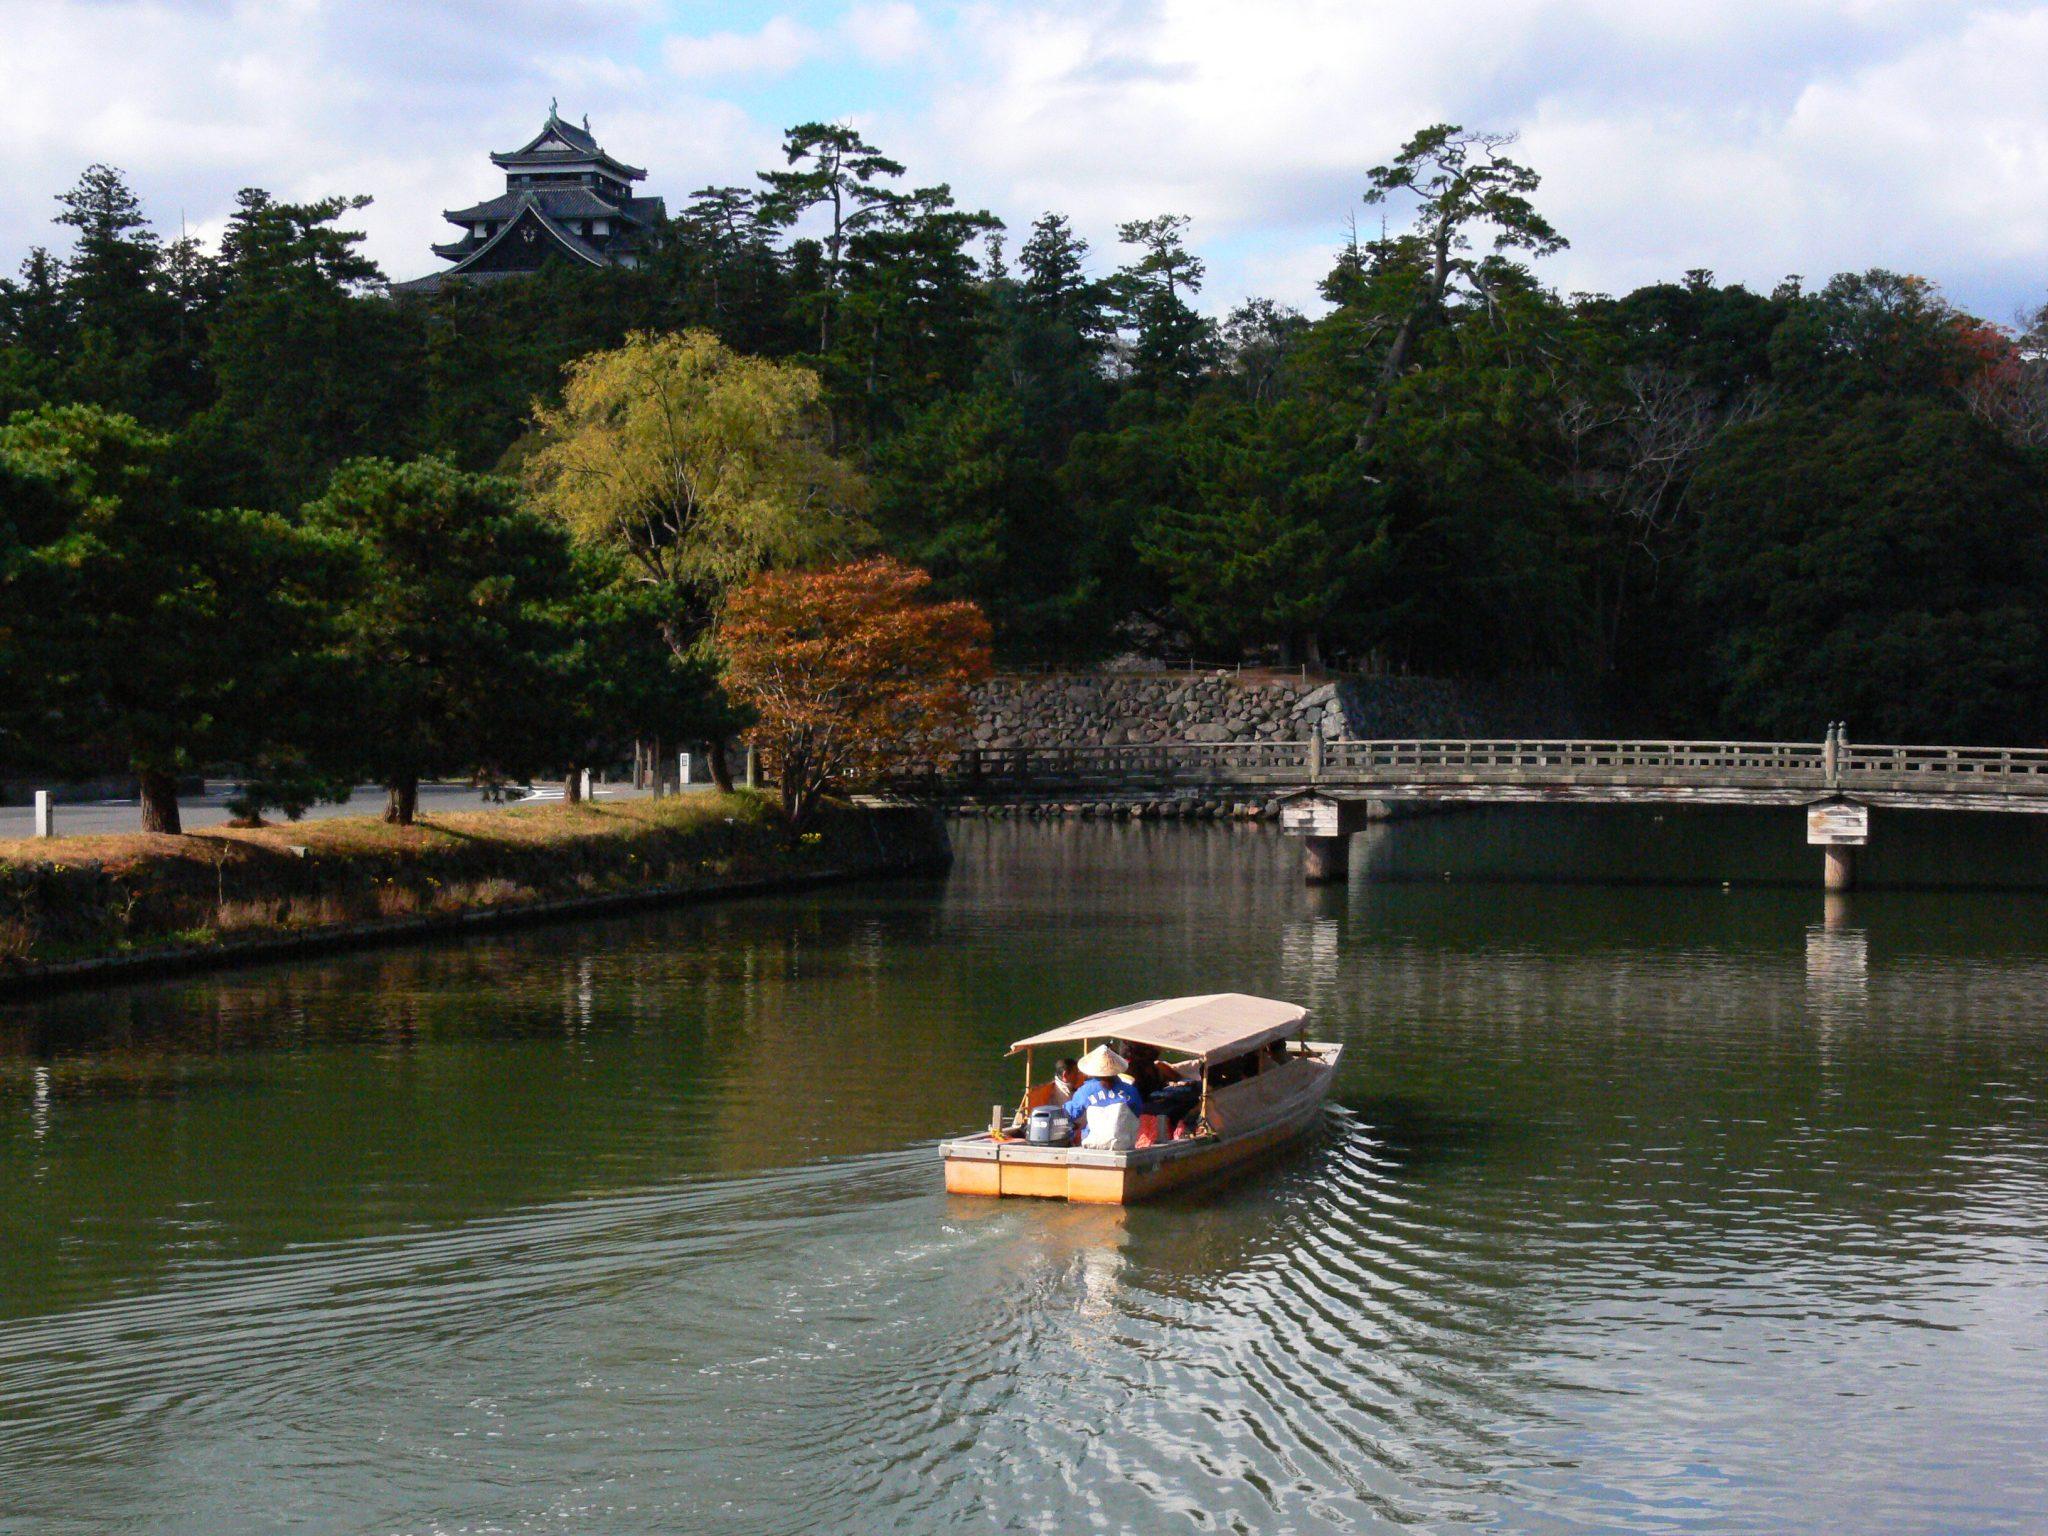 「堀川遊覽船」的圖片搜尋結果